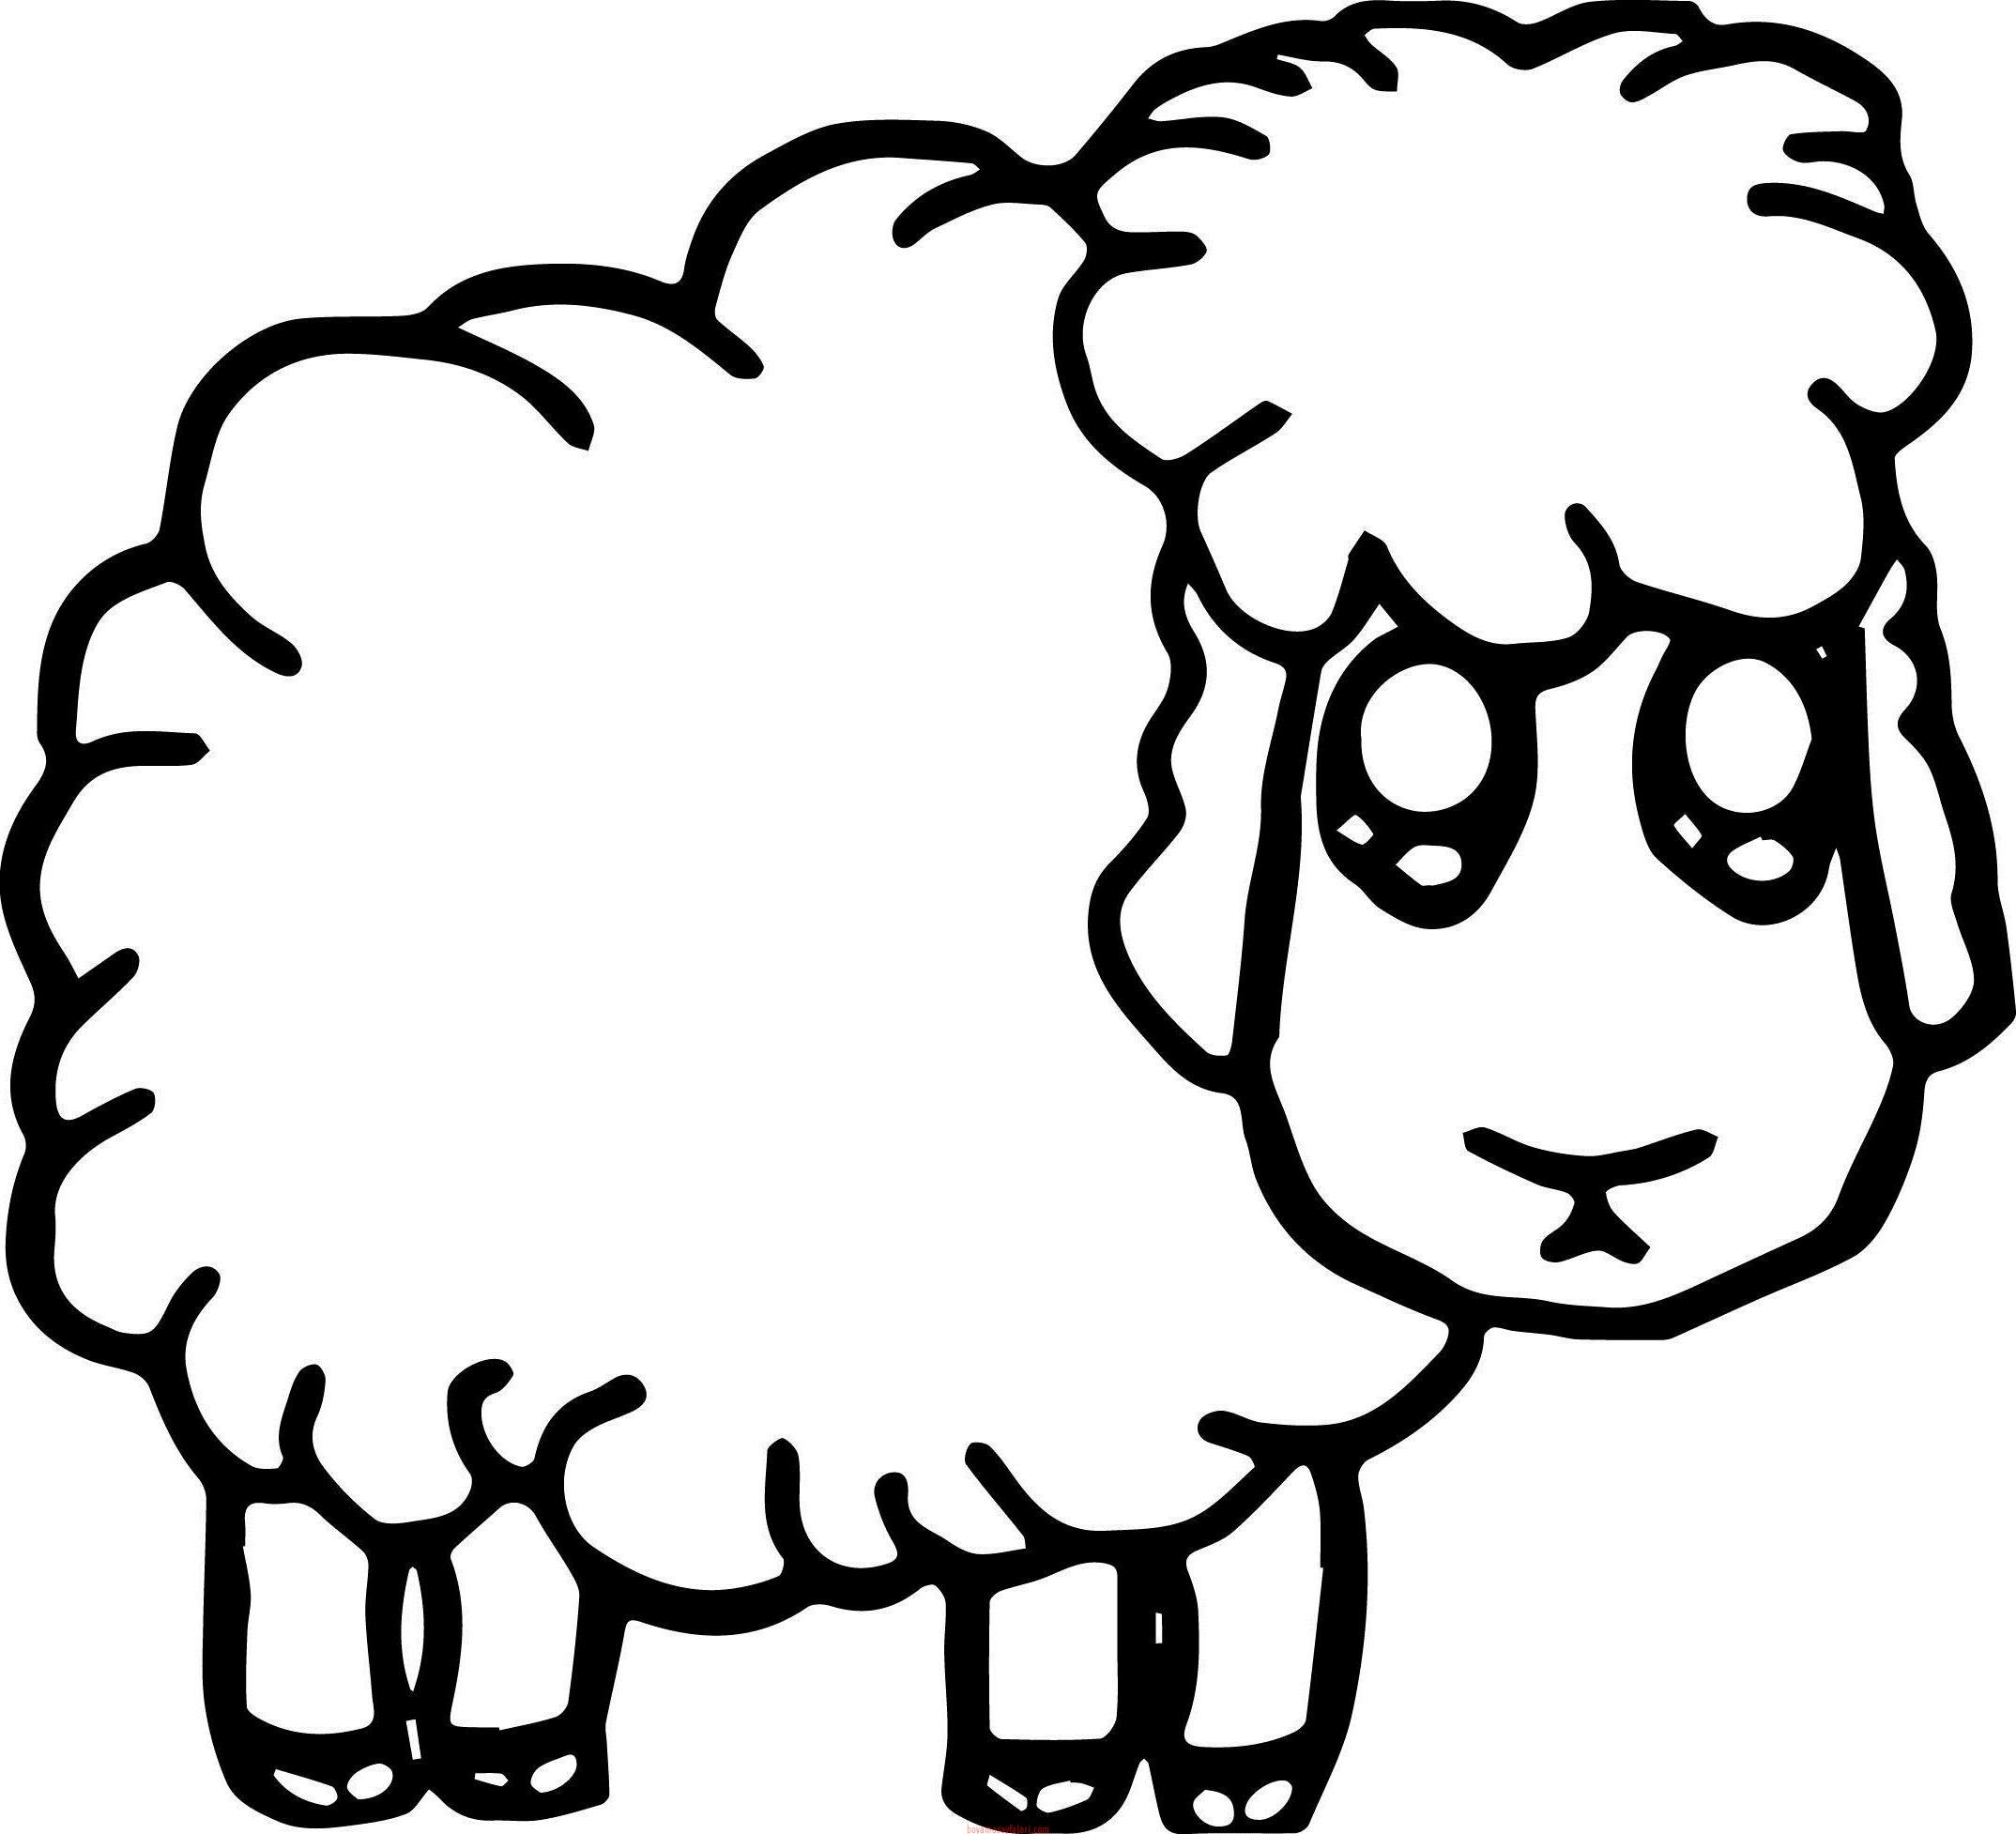 Koyun Boyama 7 Sınıf öğretmenleri Için ücretsiz özgün Etkinlikler